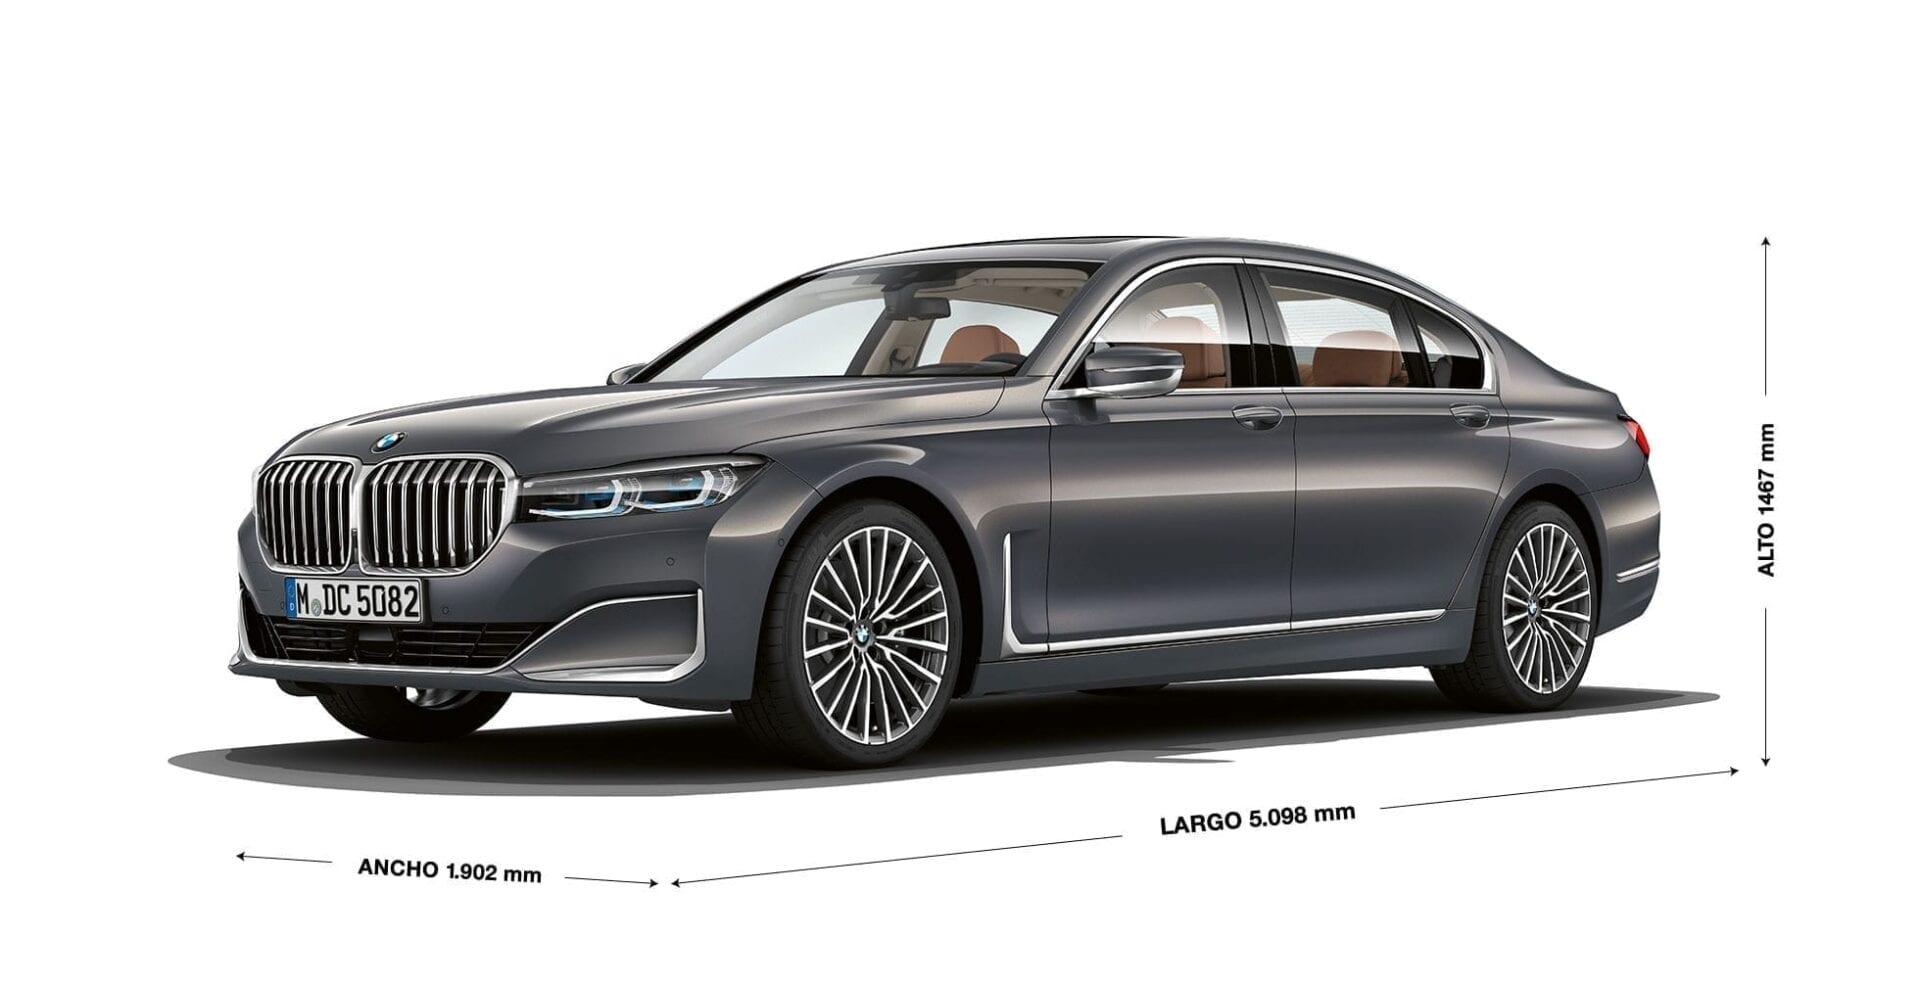 Dimensiones increibles del BMW Serie 7